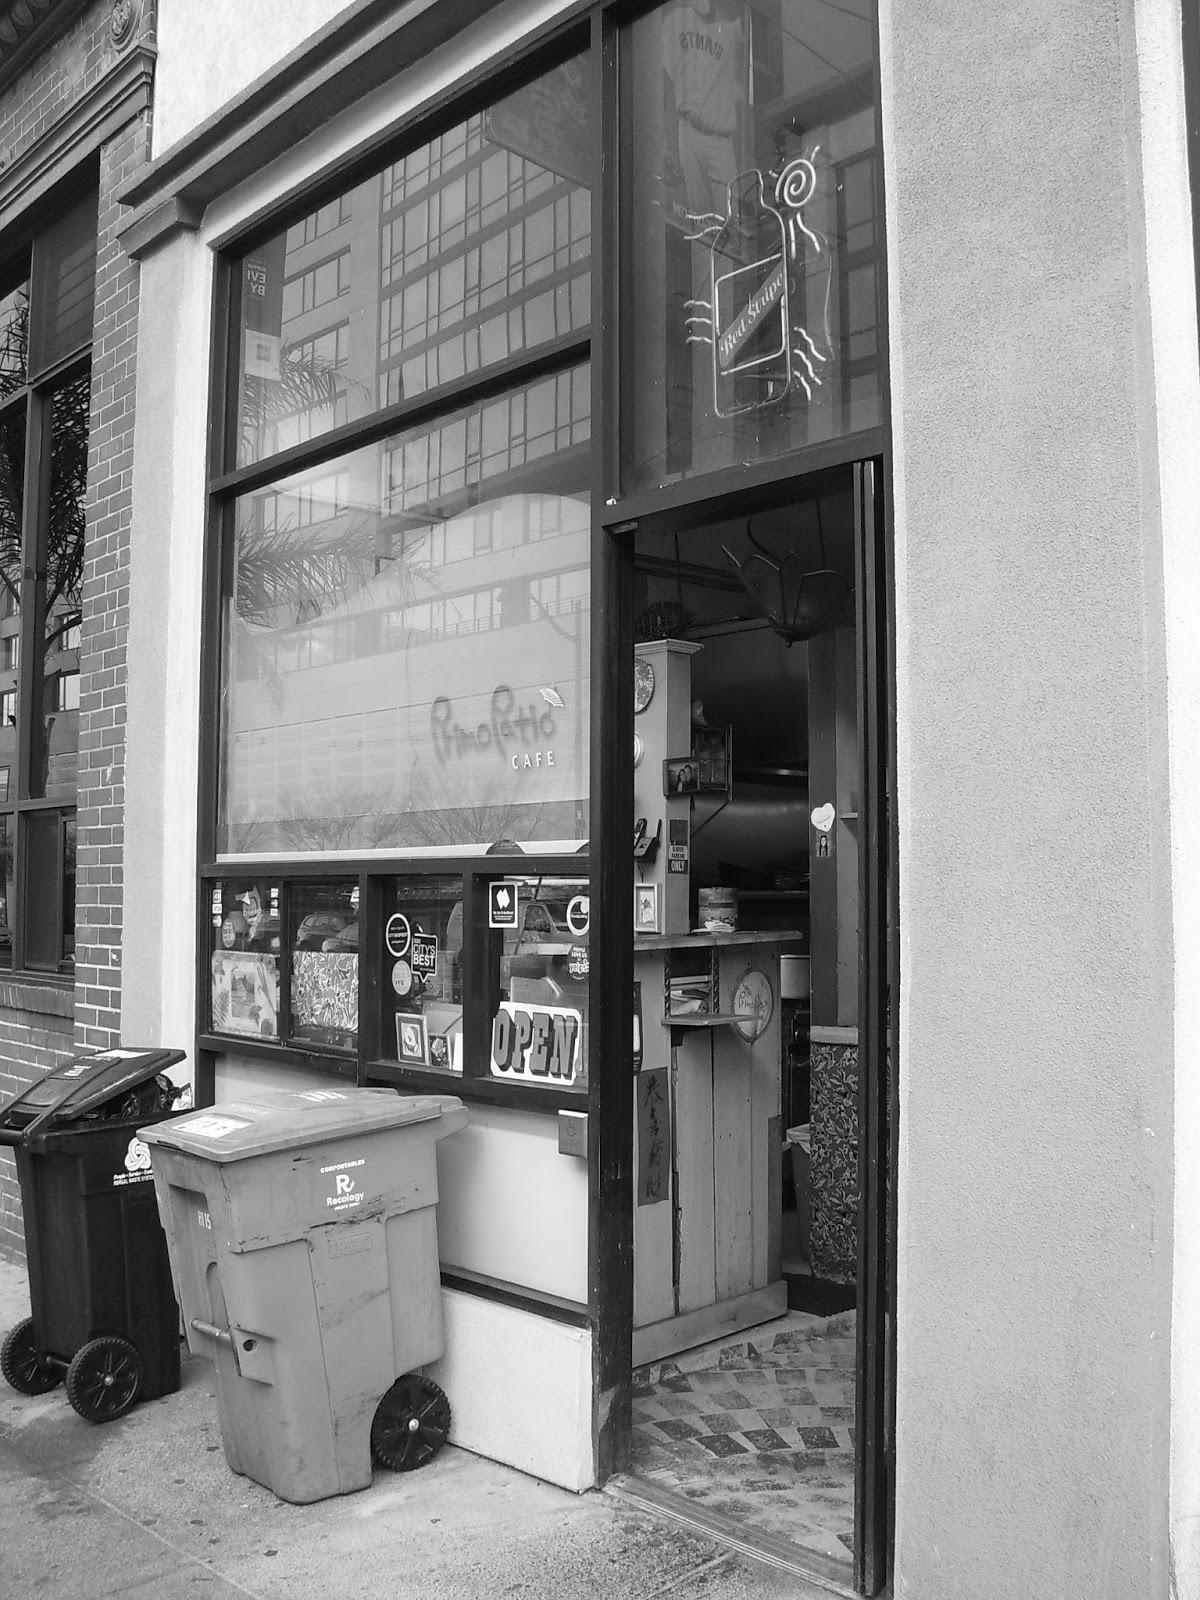 Http://www.primopatiocafe.com/ Place: Primo Patio Cafe